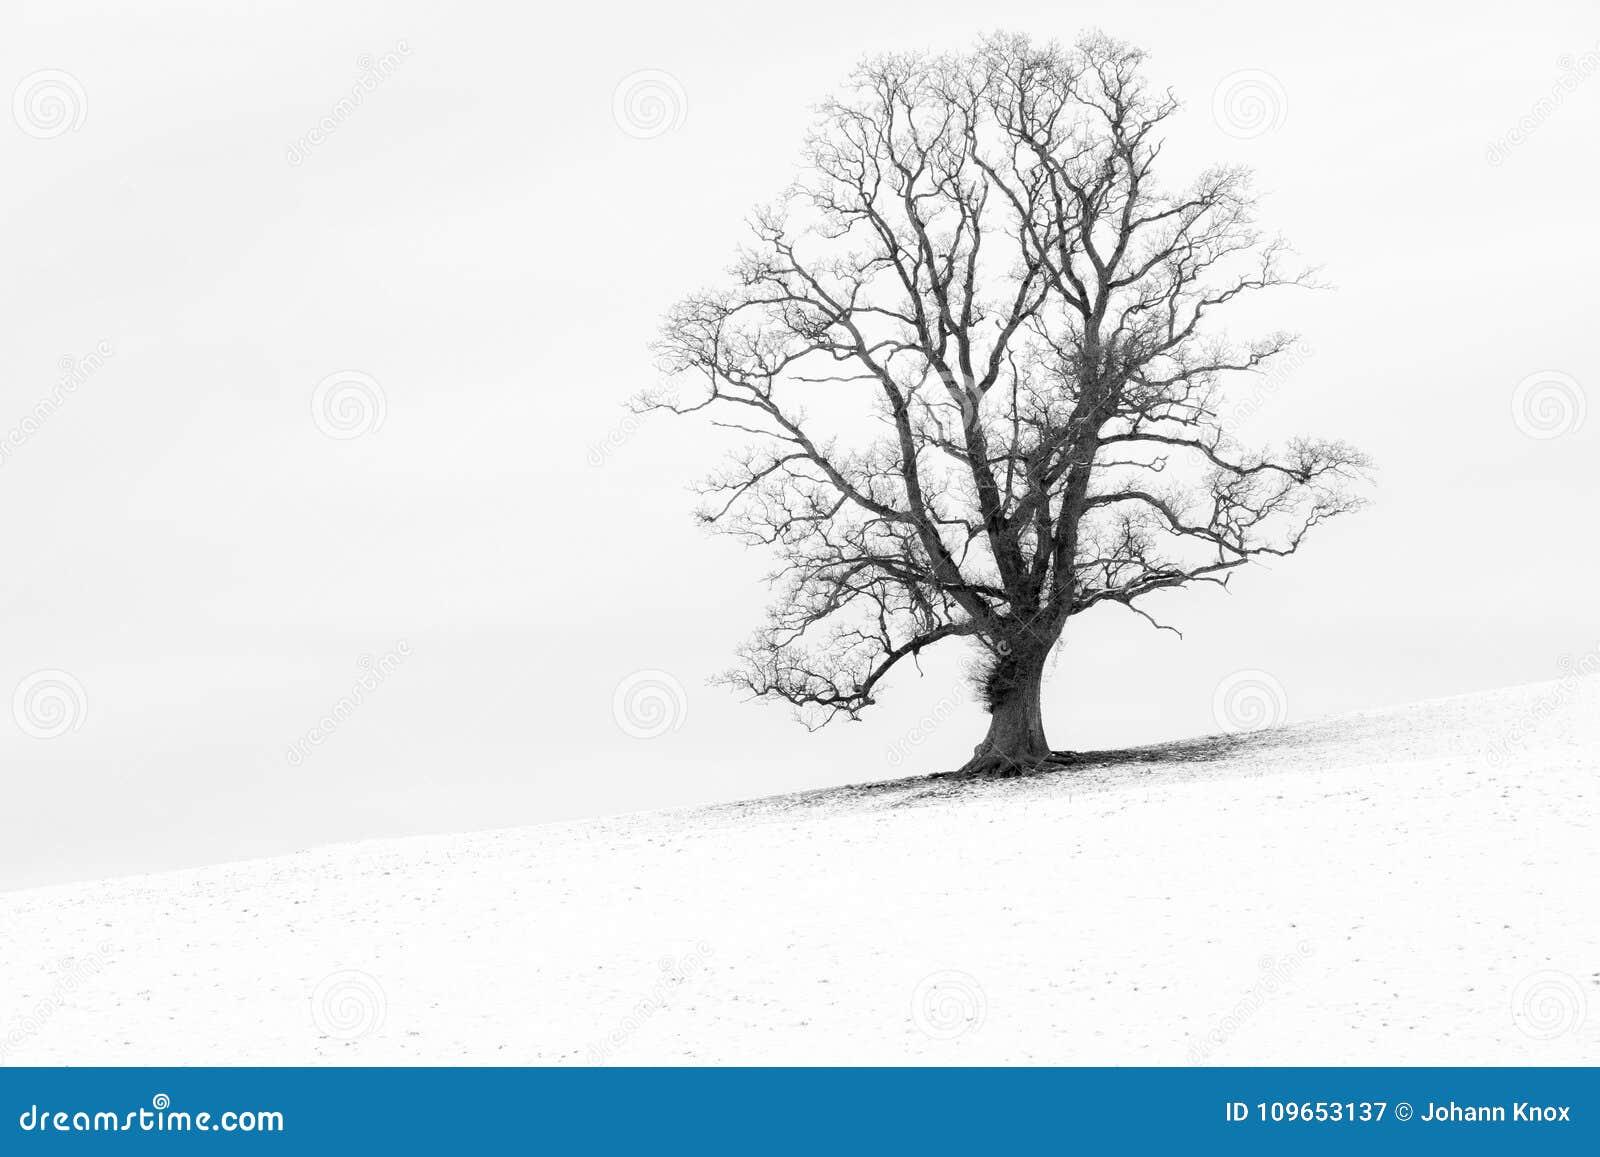 Enige boom in een sneeuwwit Engels landschap